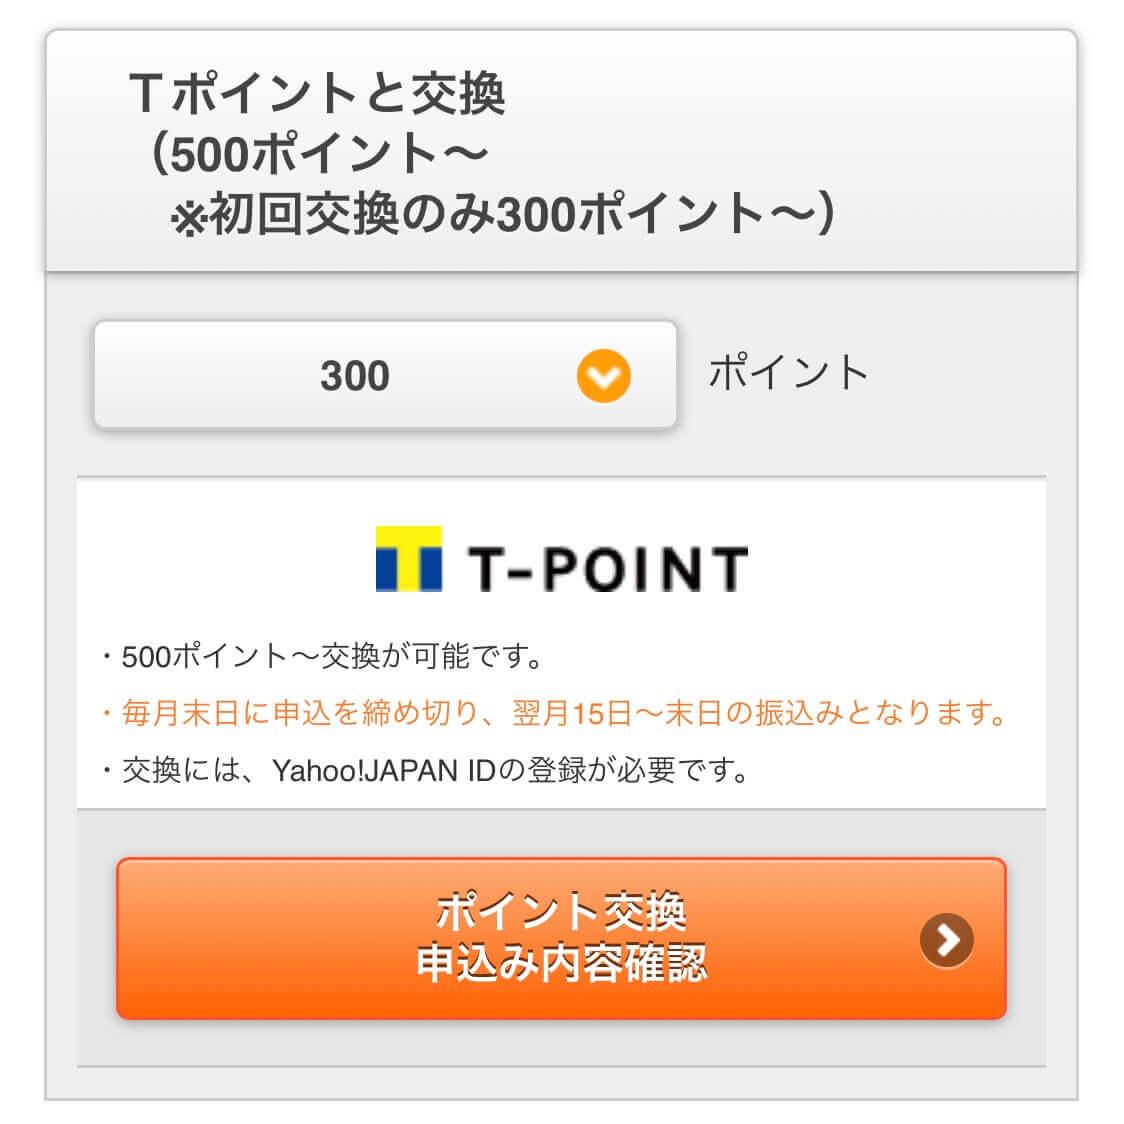 Tポイント、Gポイントに交換